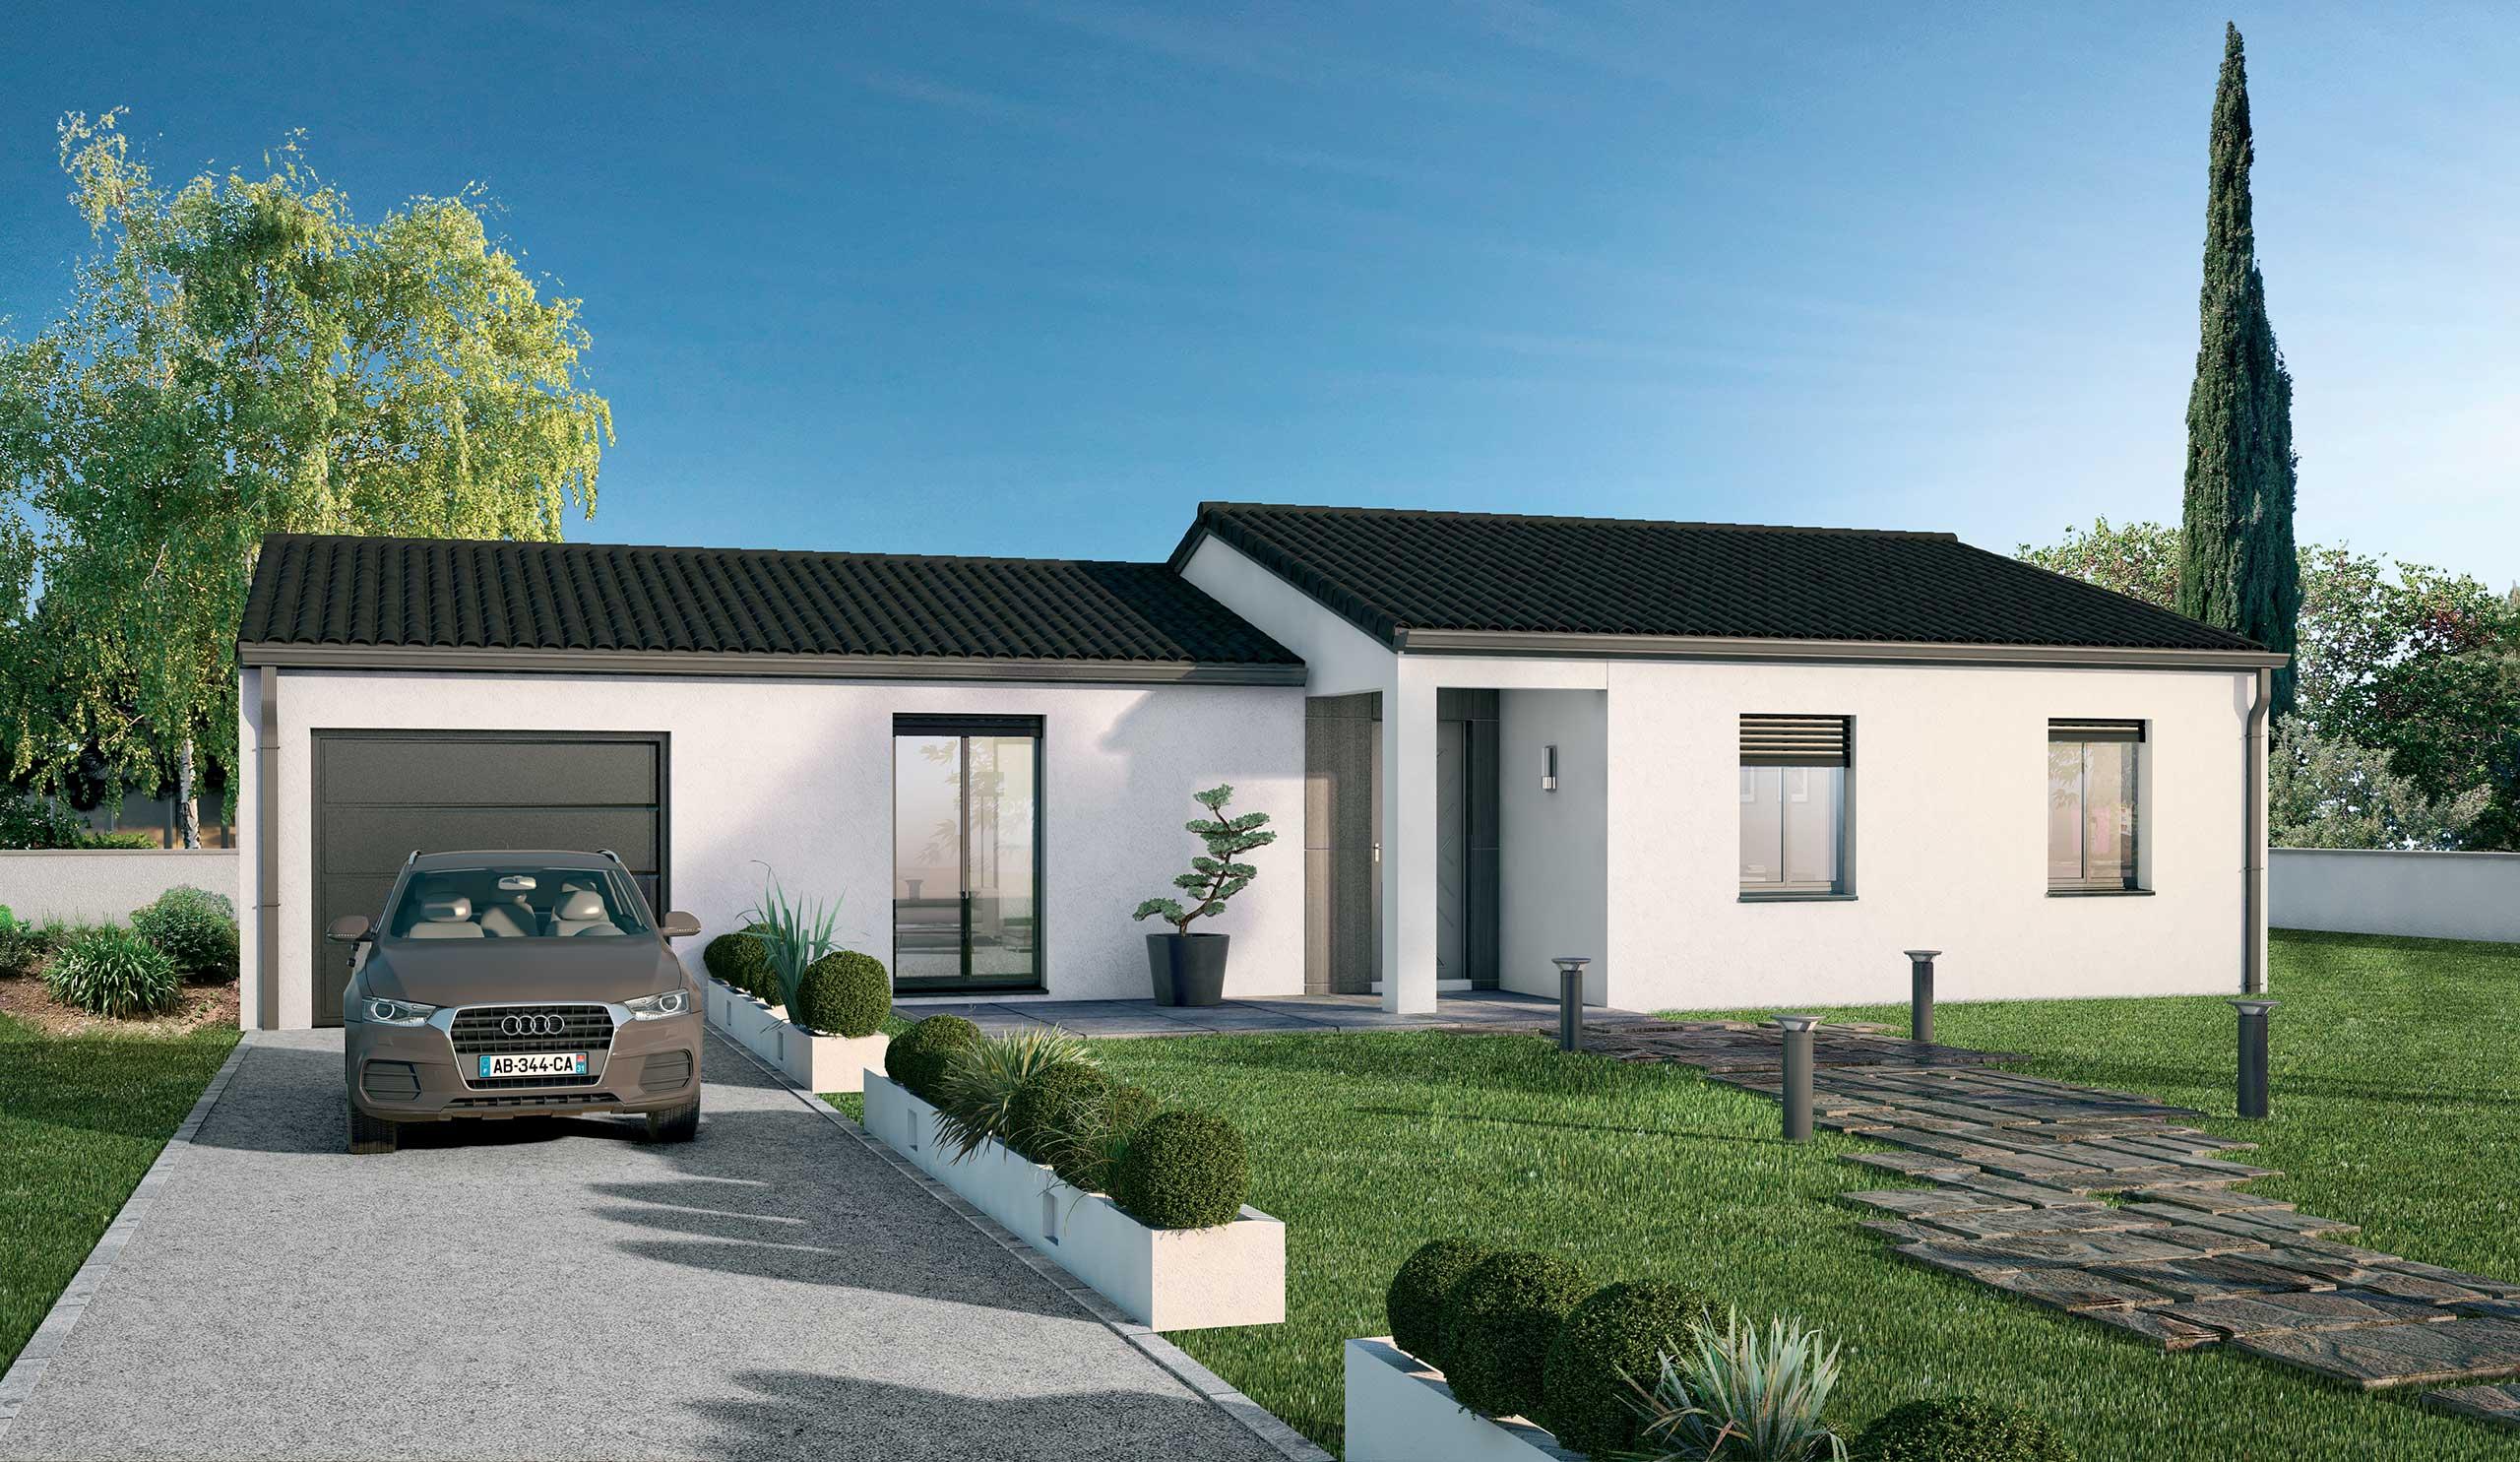 Maison Contemporaine Plain Pied Lilas Avec Plans Demeures D Occitanie Constructeur Maison Individuelle Occitanie Region Sud